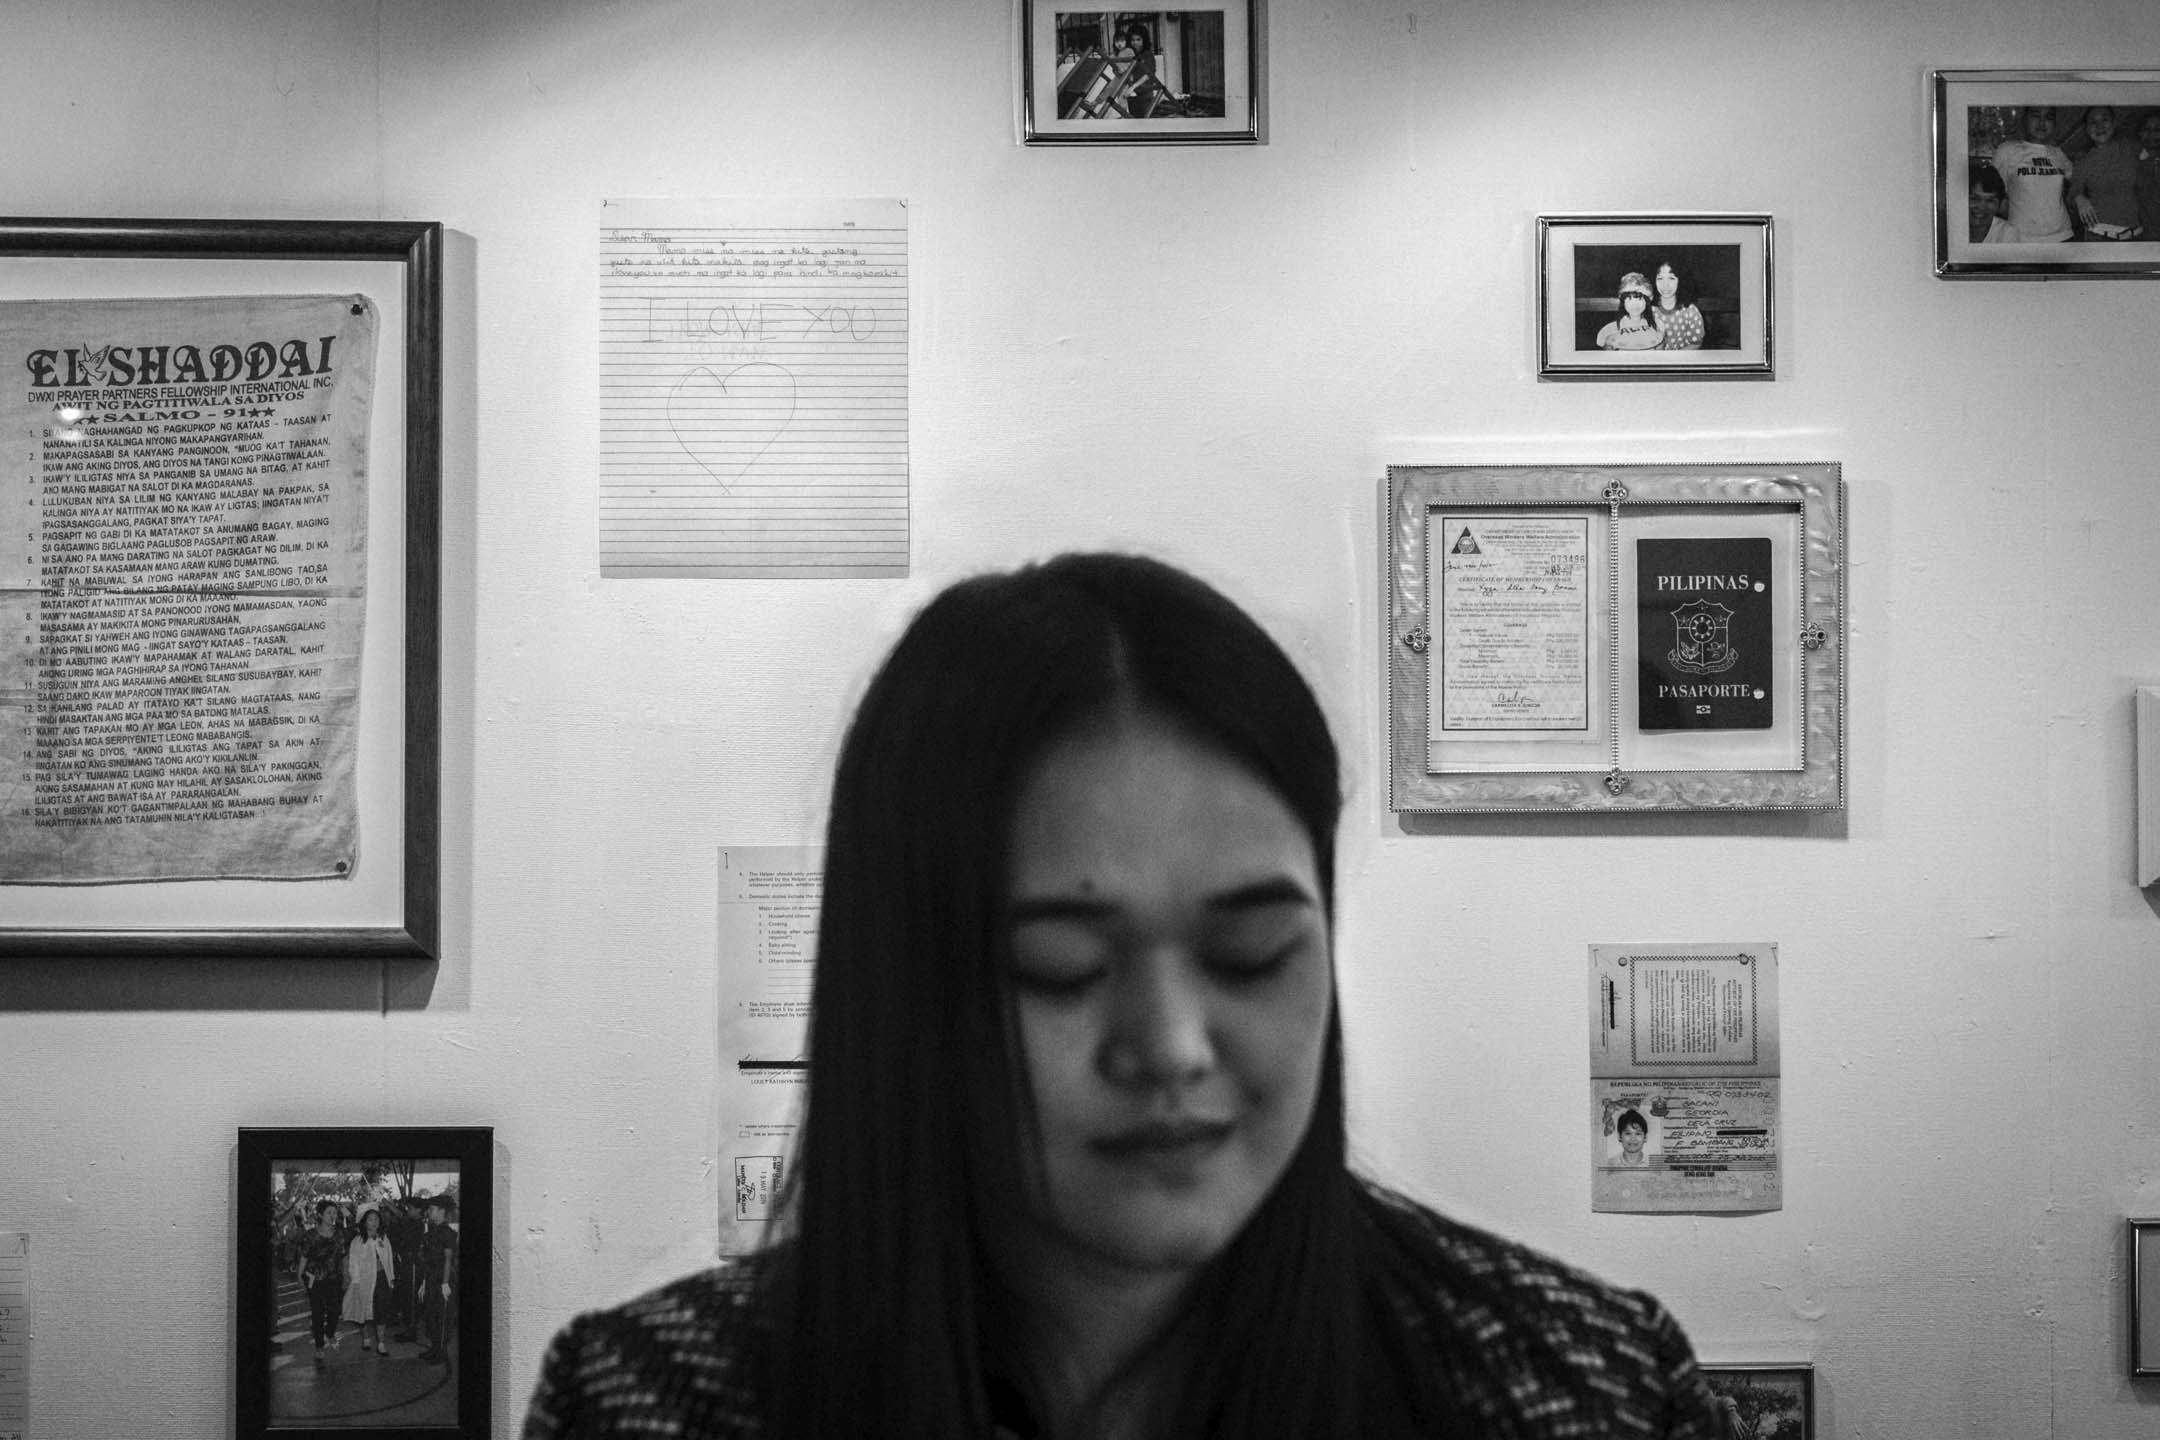 三年前,Xyza獲得Magnum基金人權獎學金,前往紐約大學進修攝影,並於去年獲得WMA大師攝影獎委託計劃,今年12月,31歲的她回到熟悉的香港,帶來名為「活著如風」(We are like air)的個人攝影展,並出版同名攝影書。